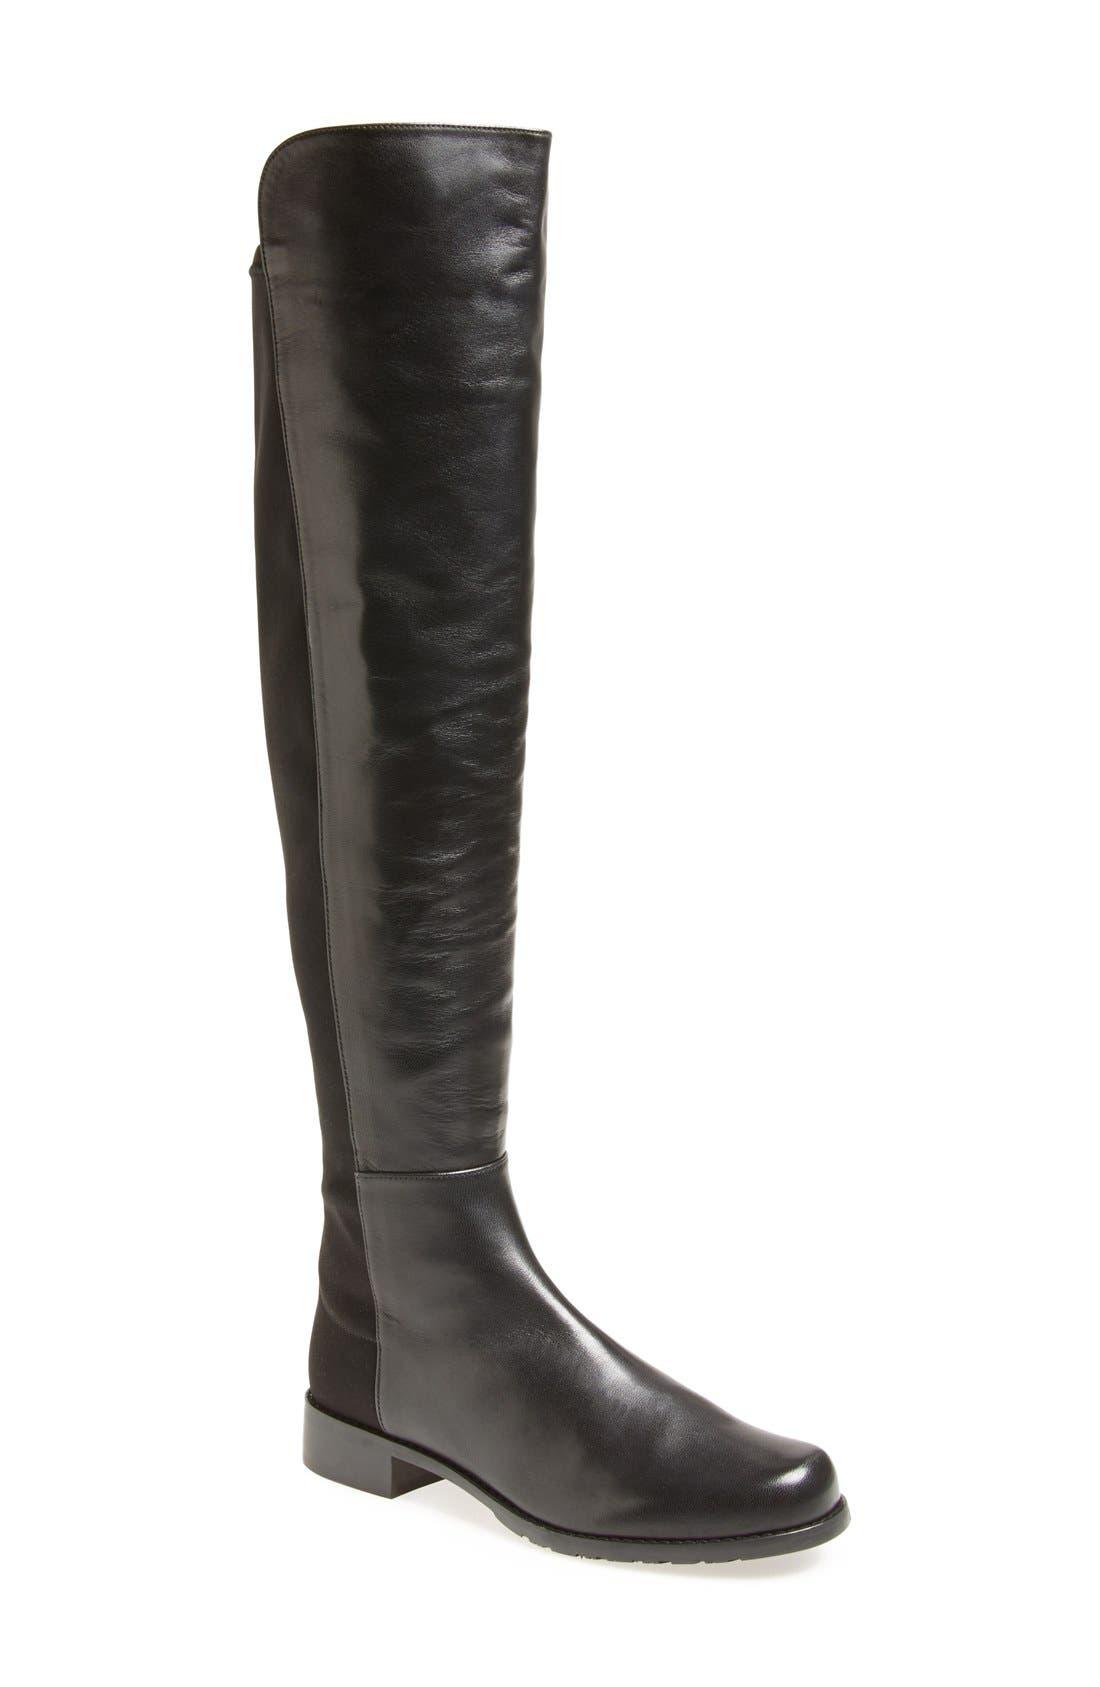 bb0436db351 Women s Boots